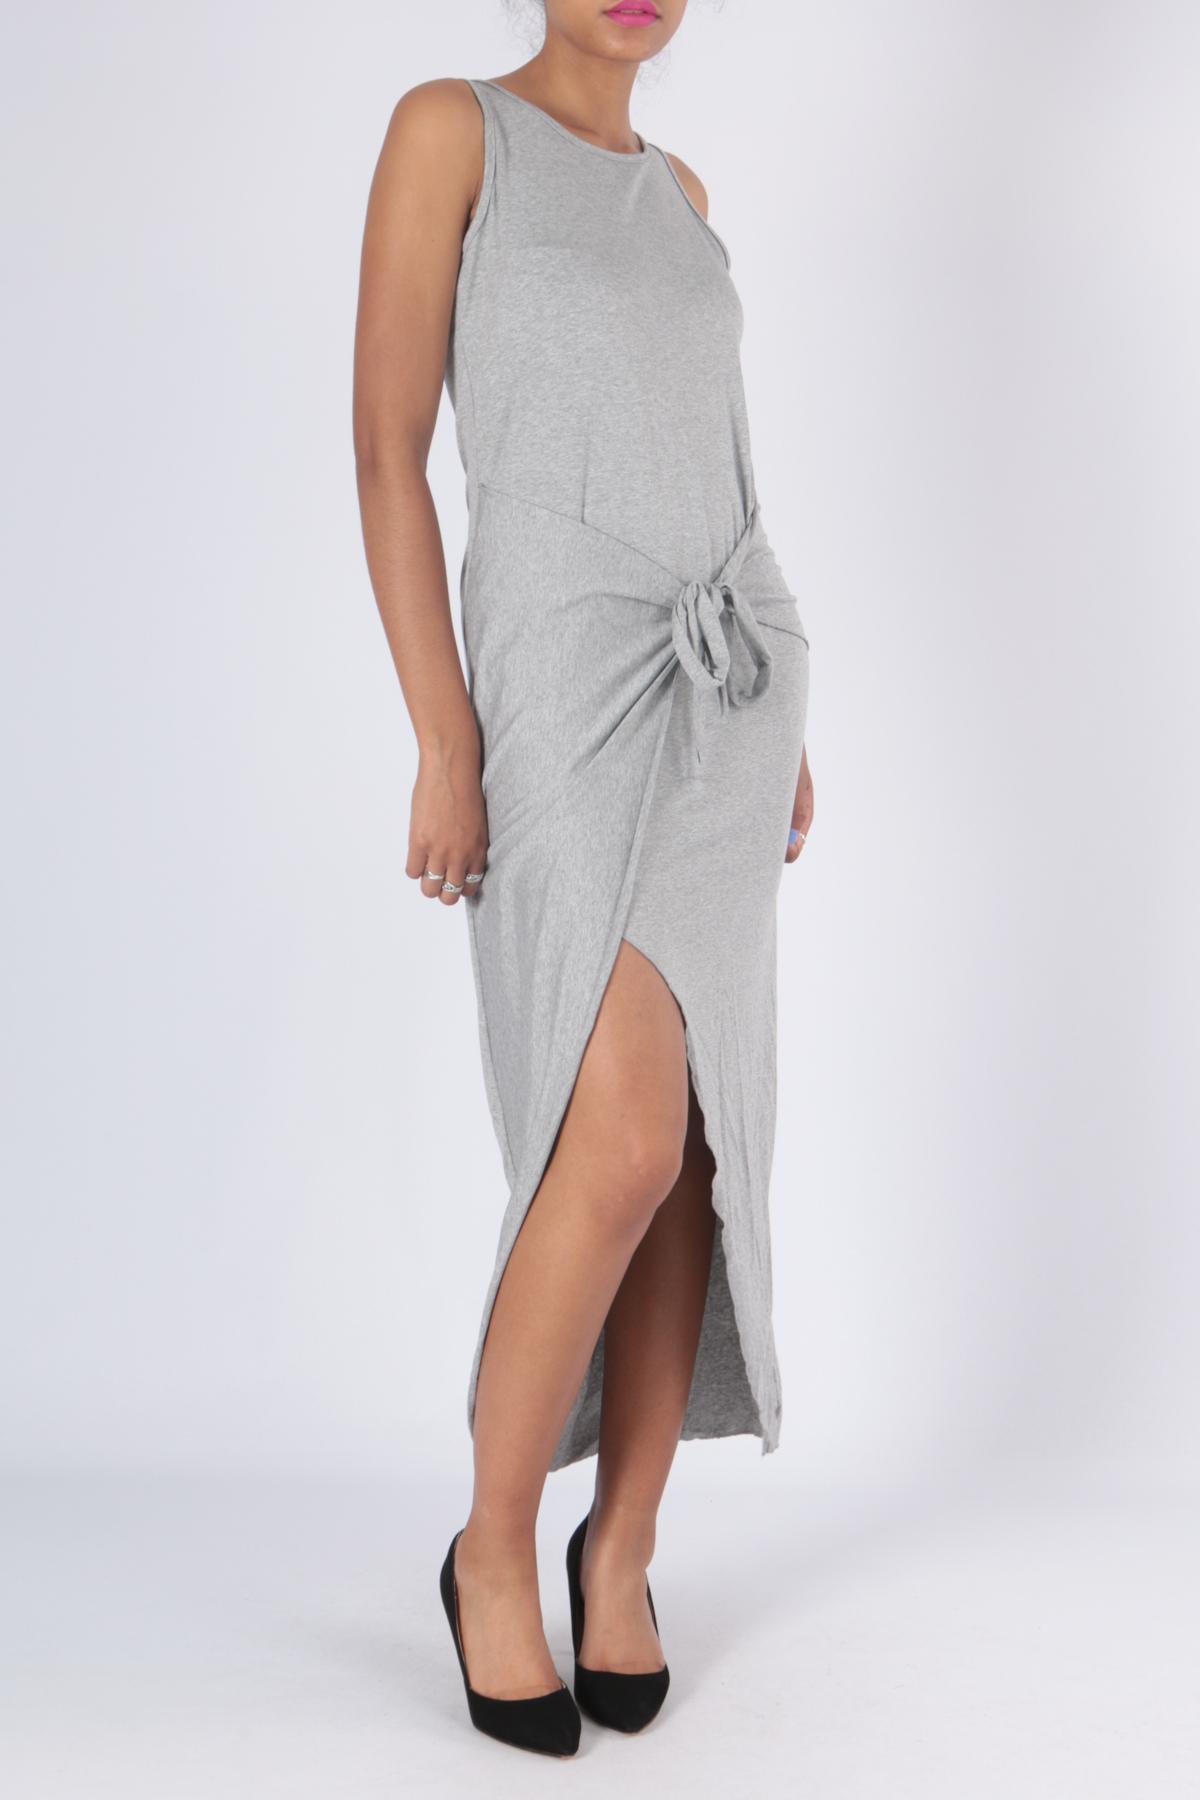 Robes longues Femme Gris ELLE STYLE 1682 #c eFashion Paris